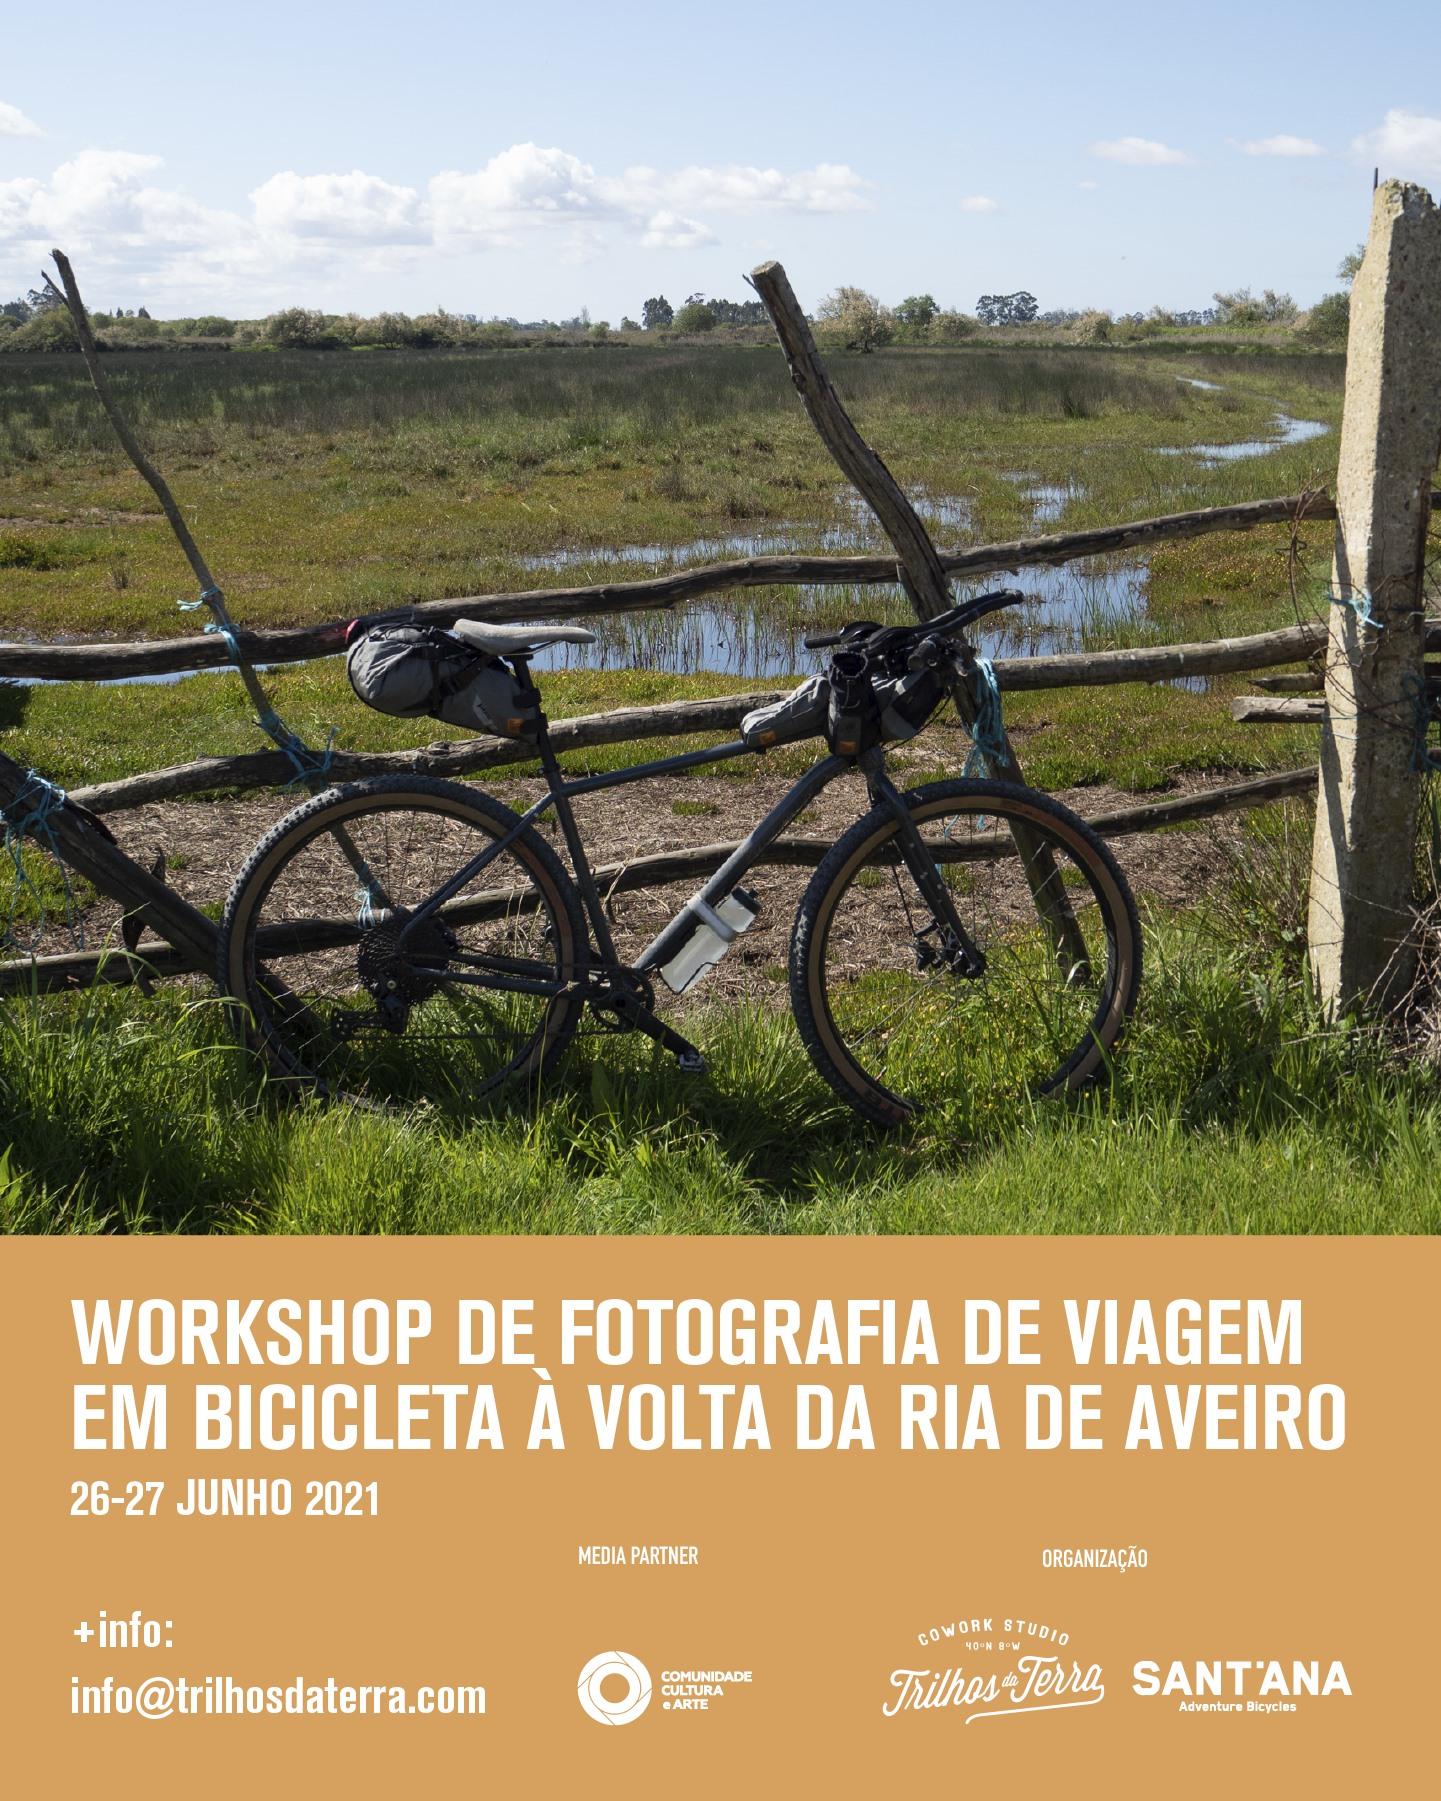 Workshop de Fotografia de Viagem em Bicicleta à volta da Ria de Aveiro